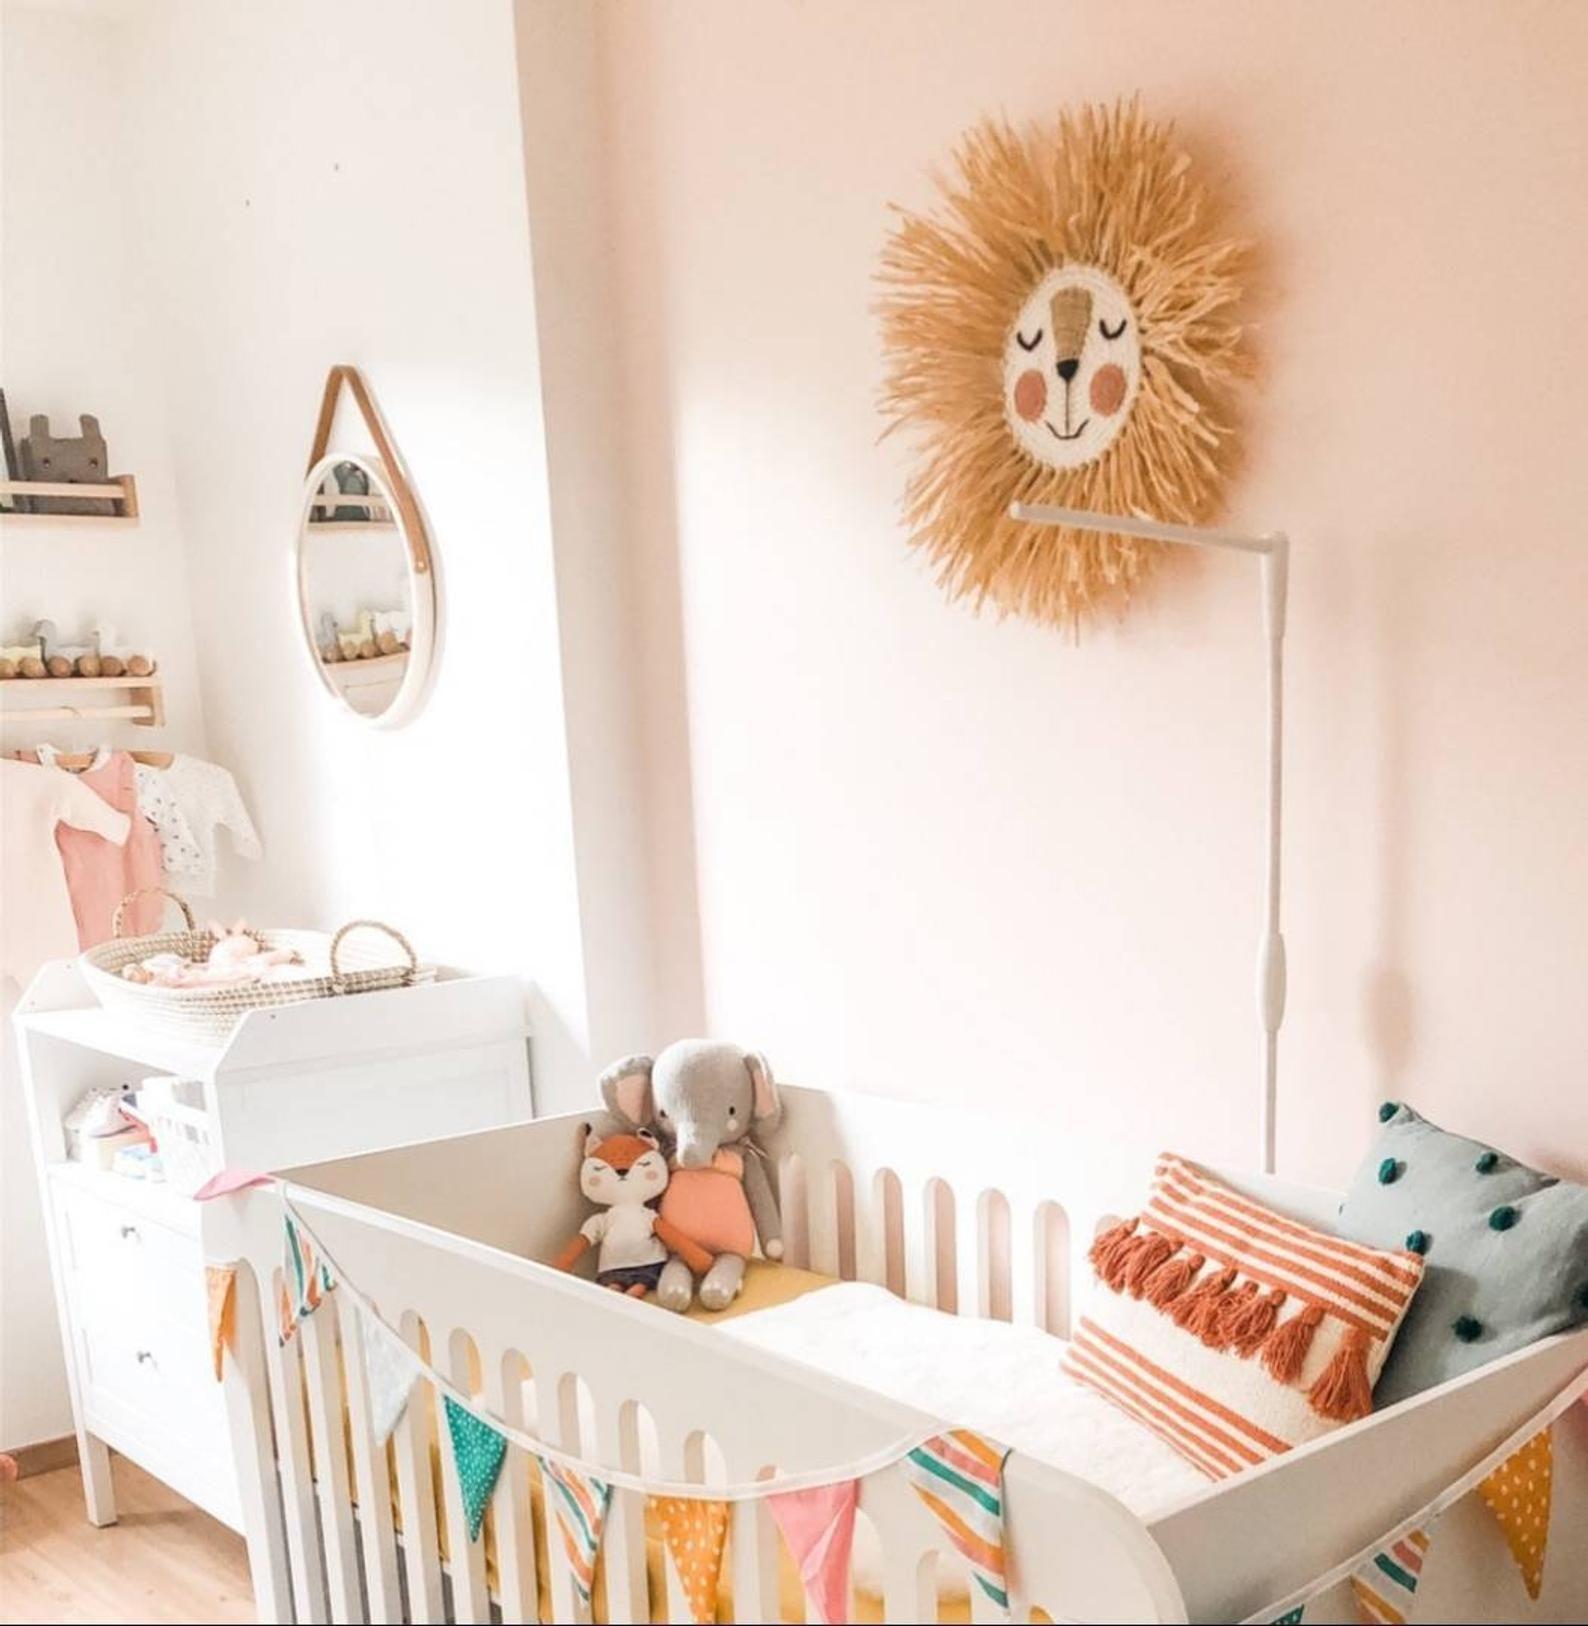 wandbugel lowe nala kinderzimmer dekoration tierkopf etsy baby room diy kids deco kidsroom decor weihnachtliche wanddekoration modern